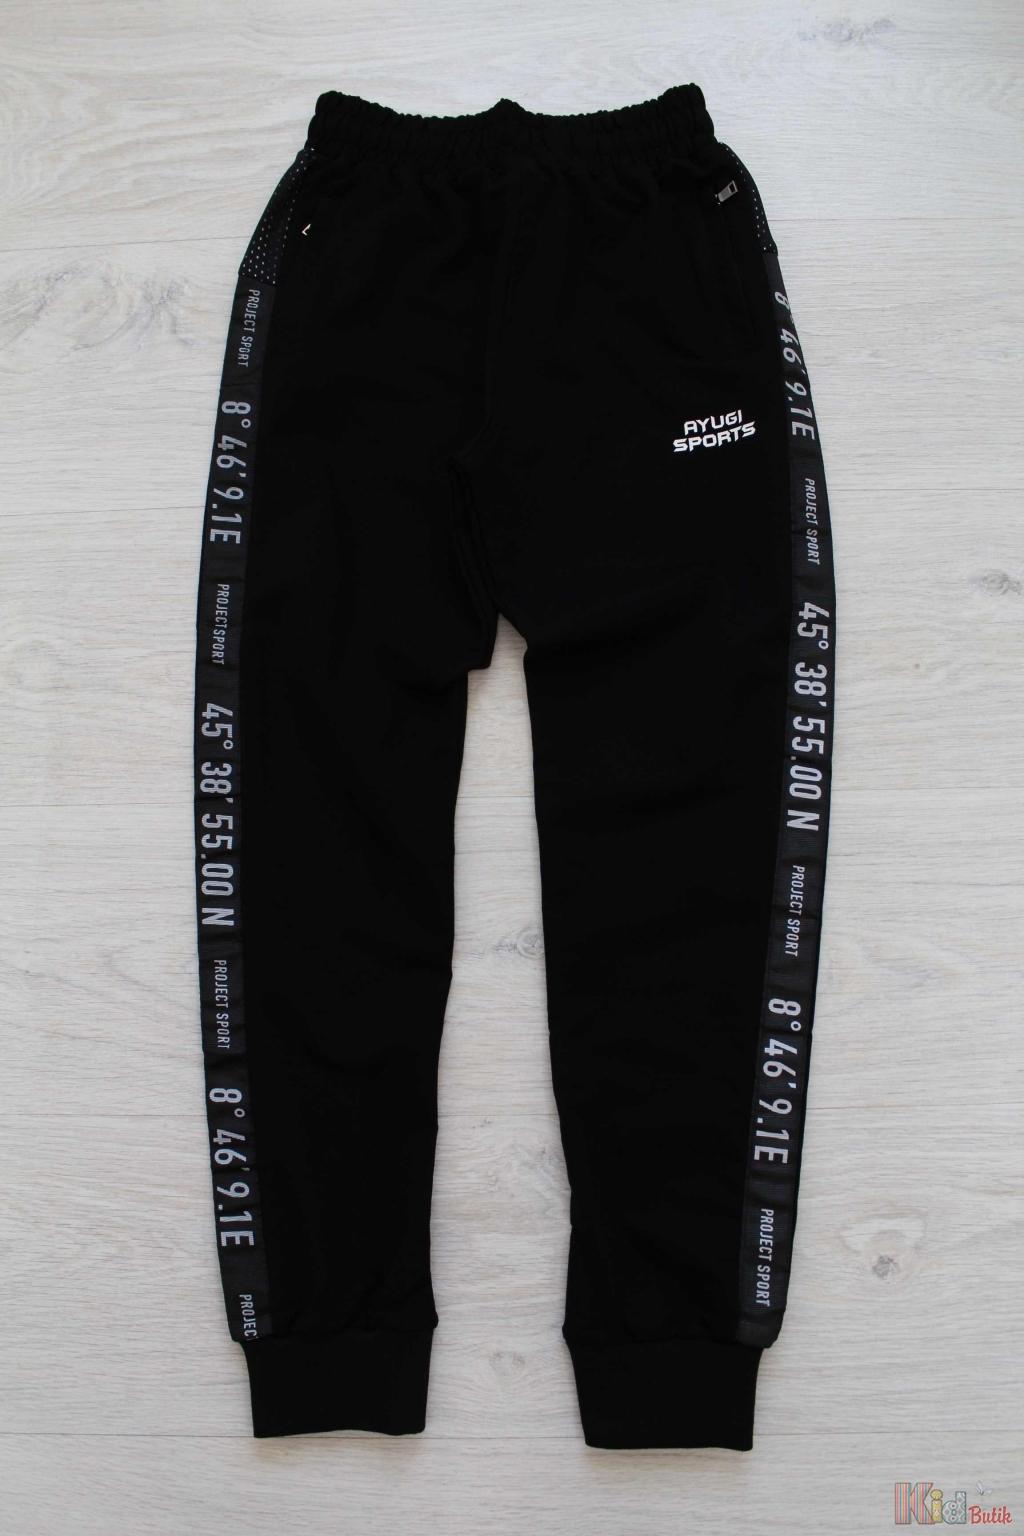 Штани спортивні для хлопчика чорного кольору A-yugi Аю18-47Чор(2681) ... e36be0ac3c5f5